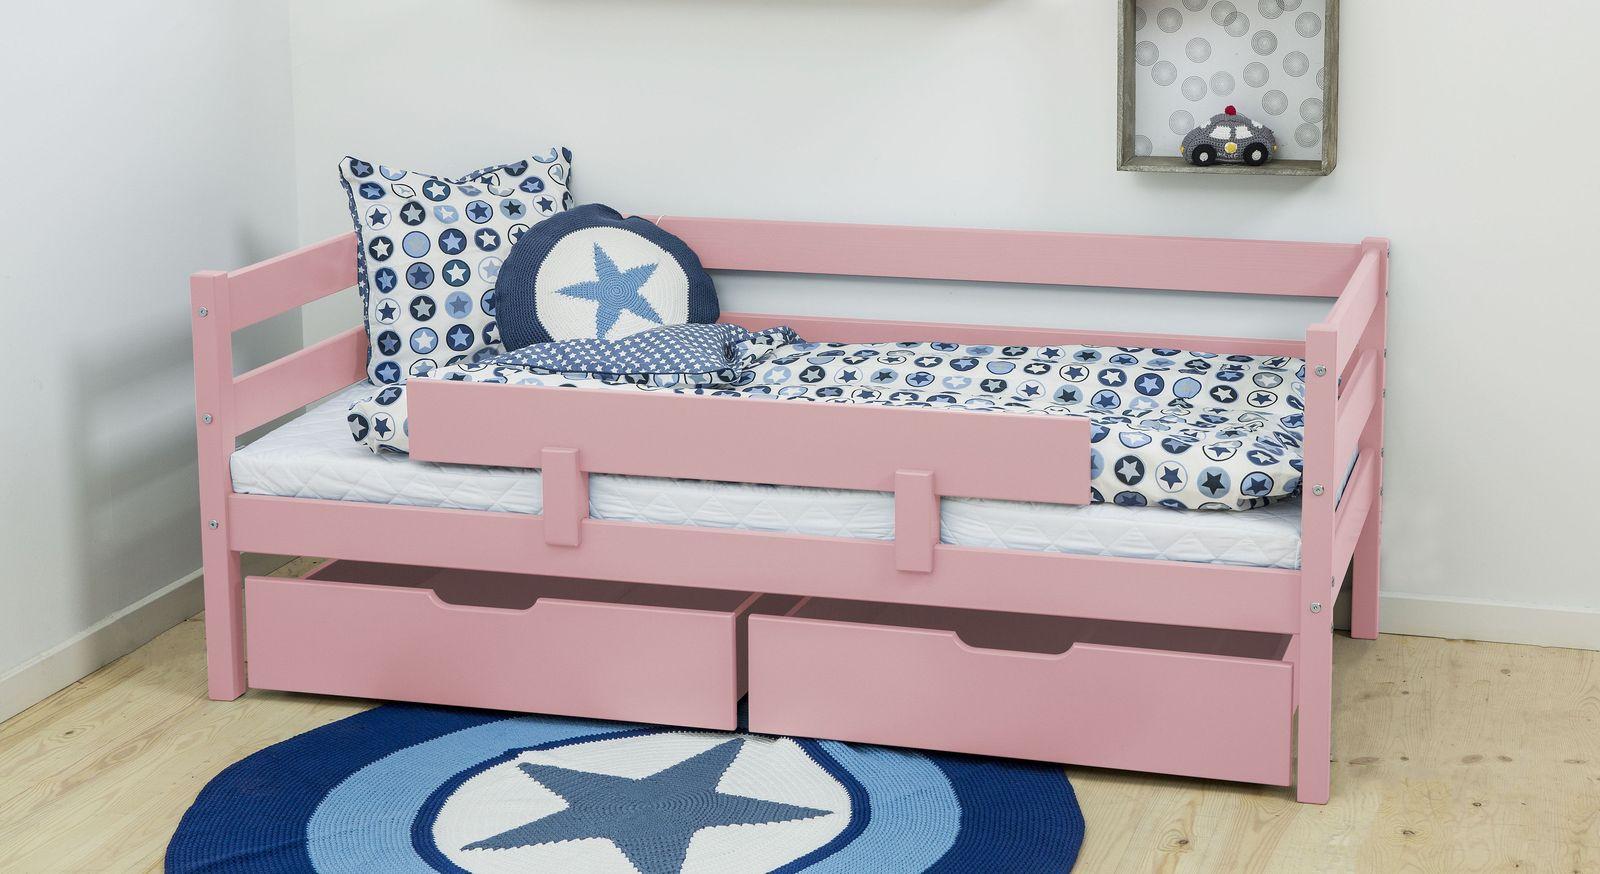 Juniorbett Kids Heaven mit roséfarbener Lackierung